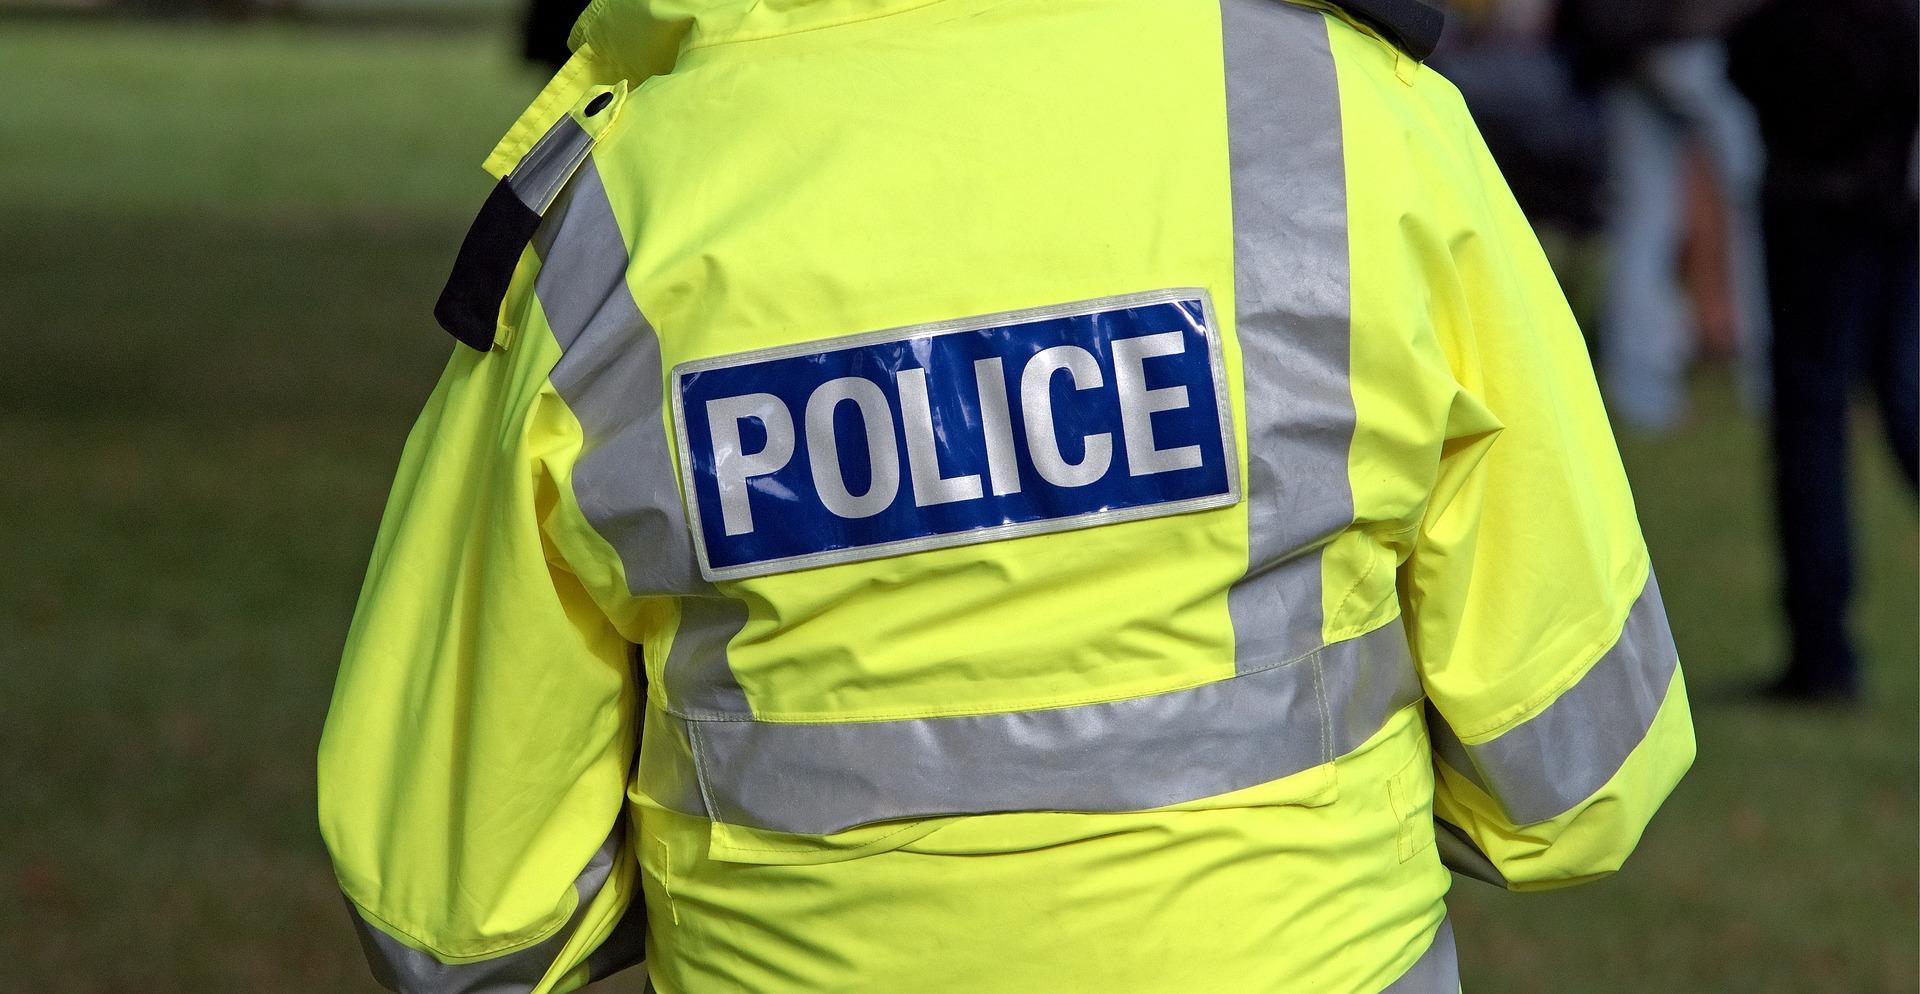 police-1665104_1920.jpg